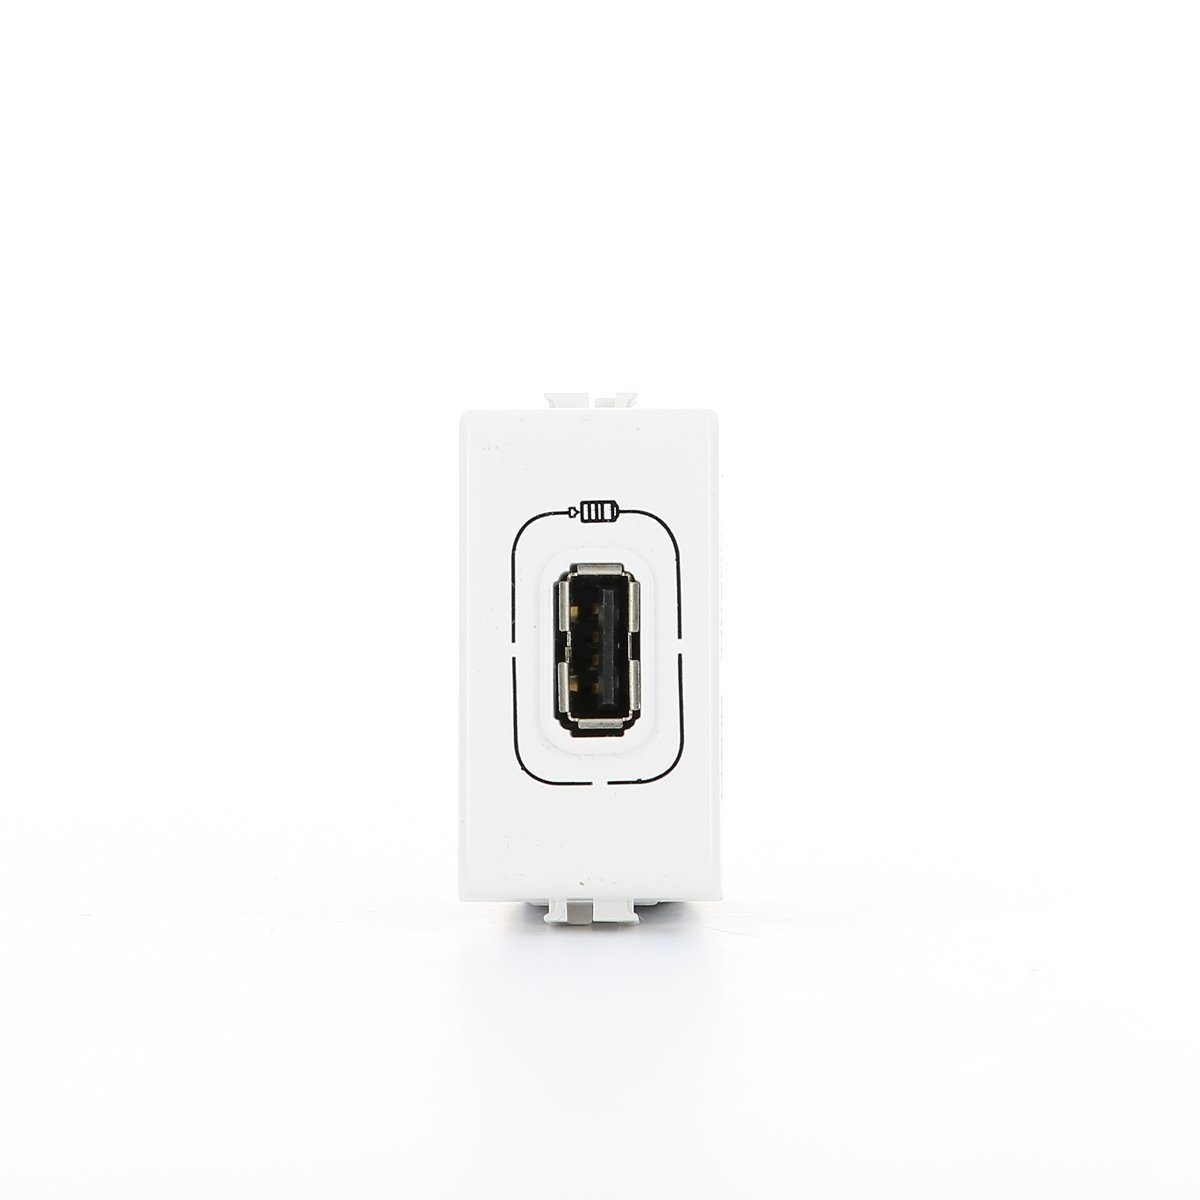 MATIX - CARICATORE USB - BTI AM5285C